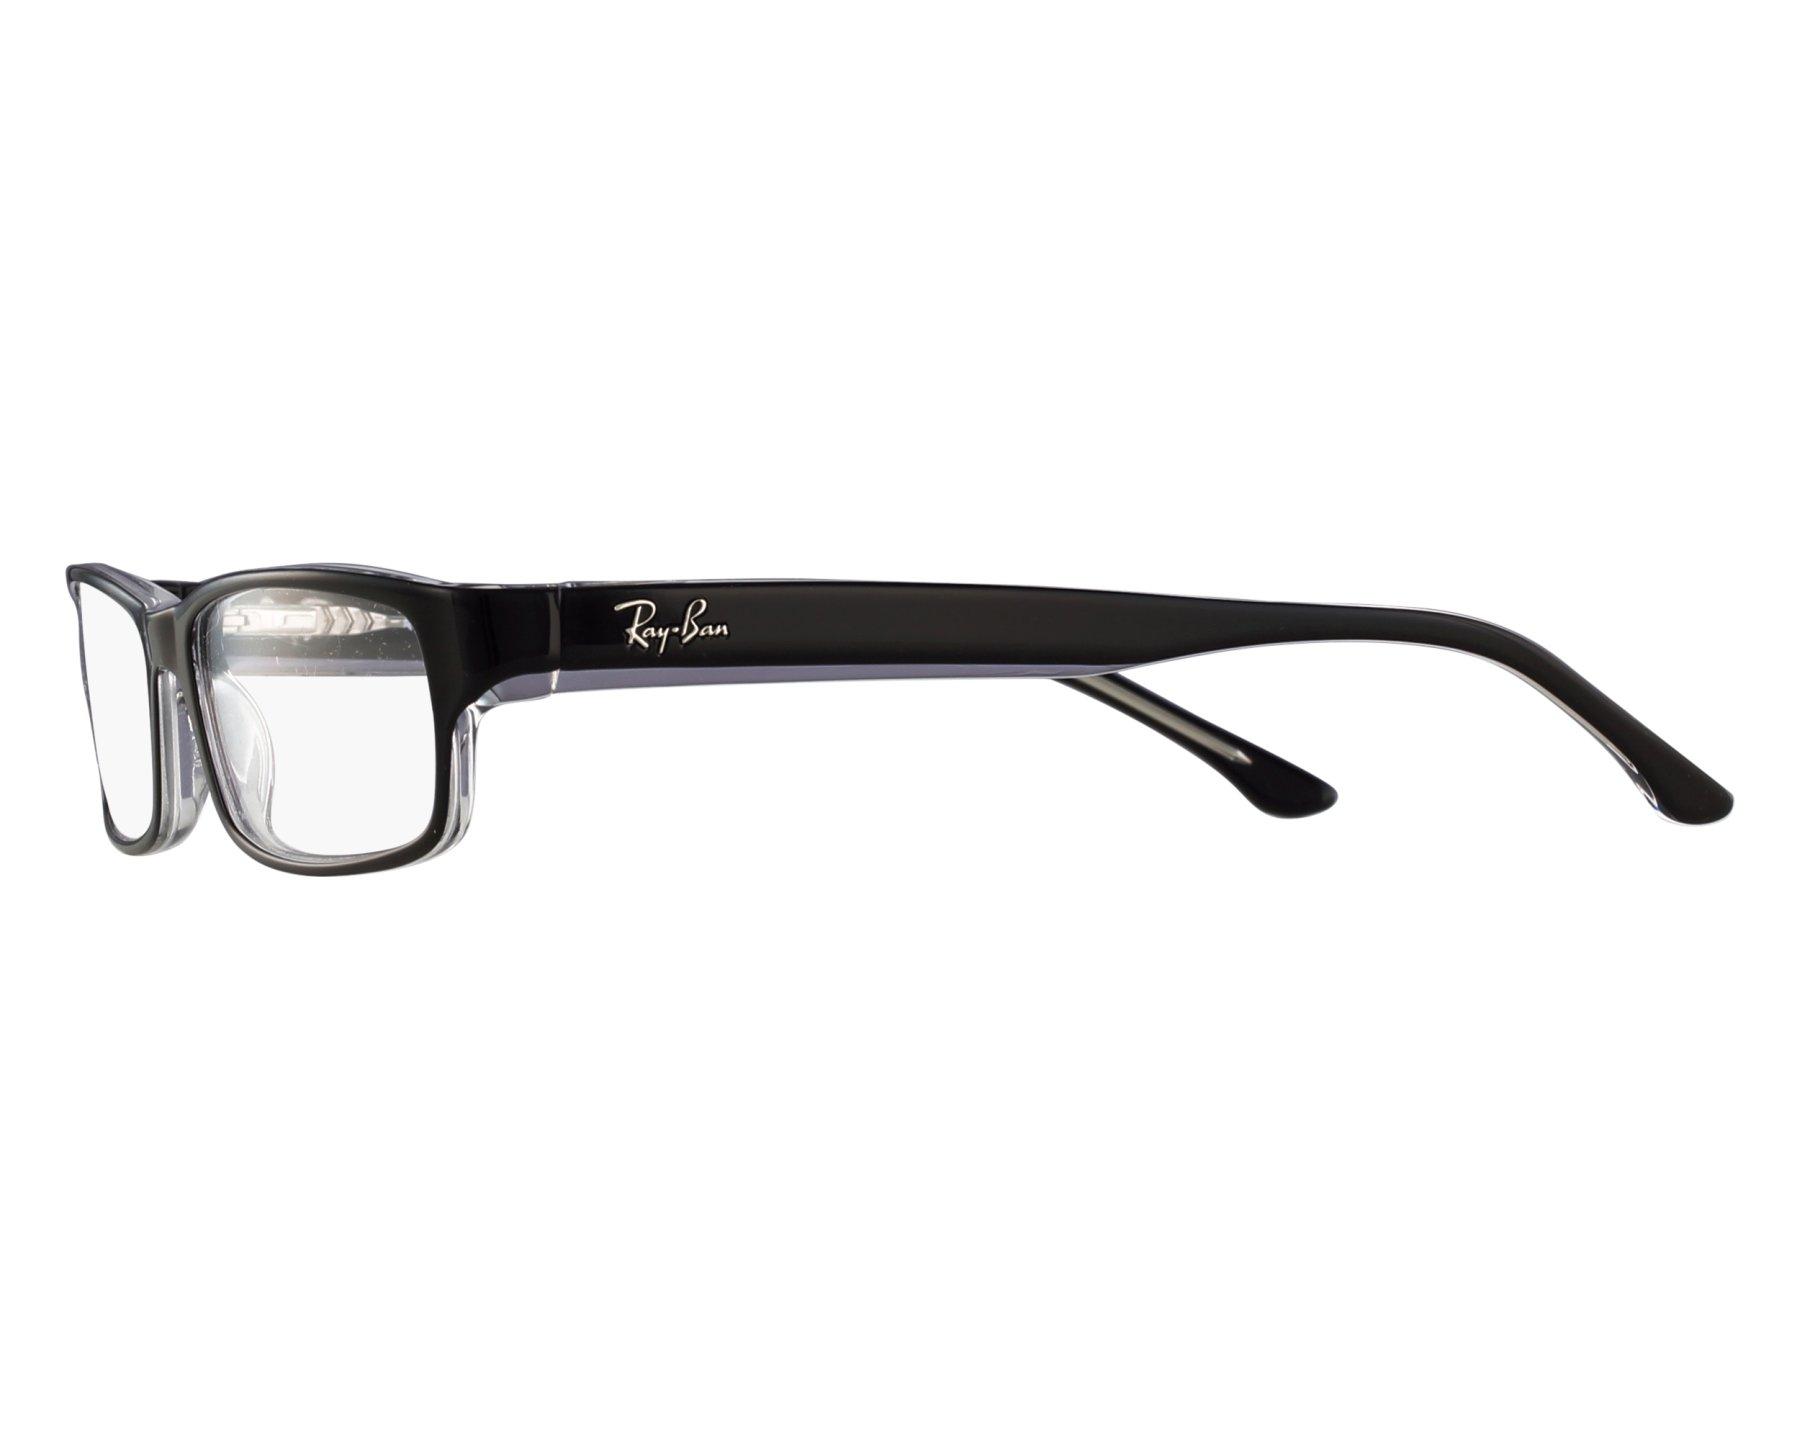 fab3b80b33 eyeglasses Ray-Ban RX-5114 2034 52-16 Black front view